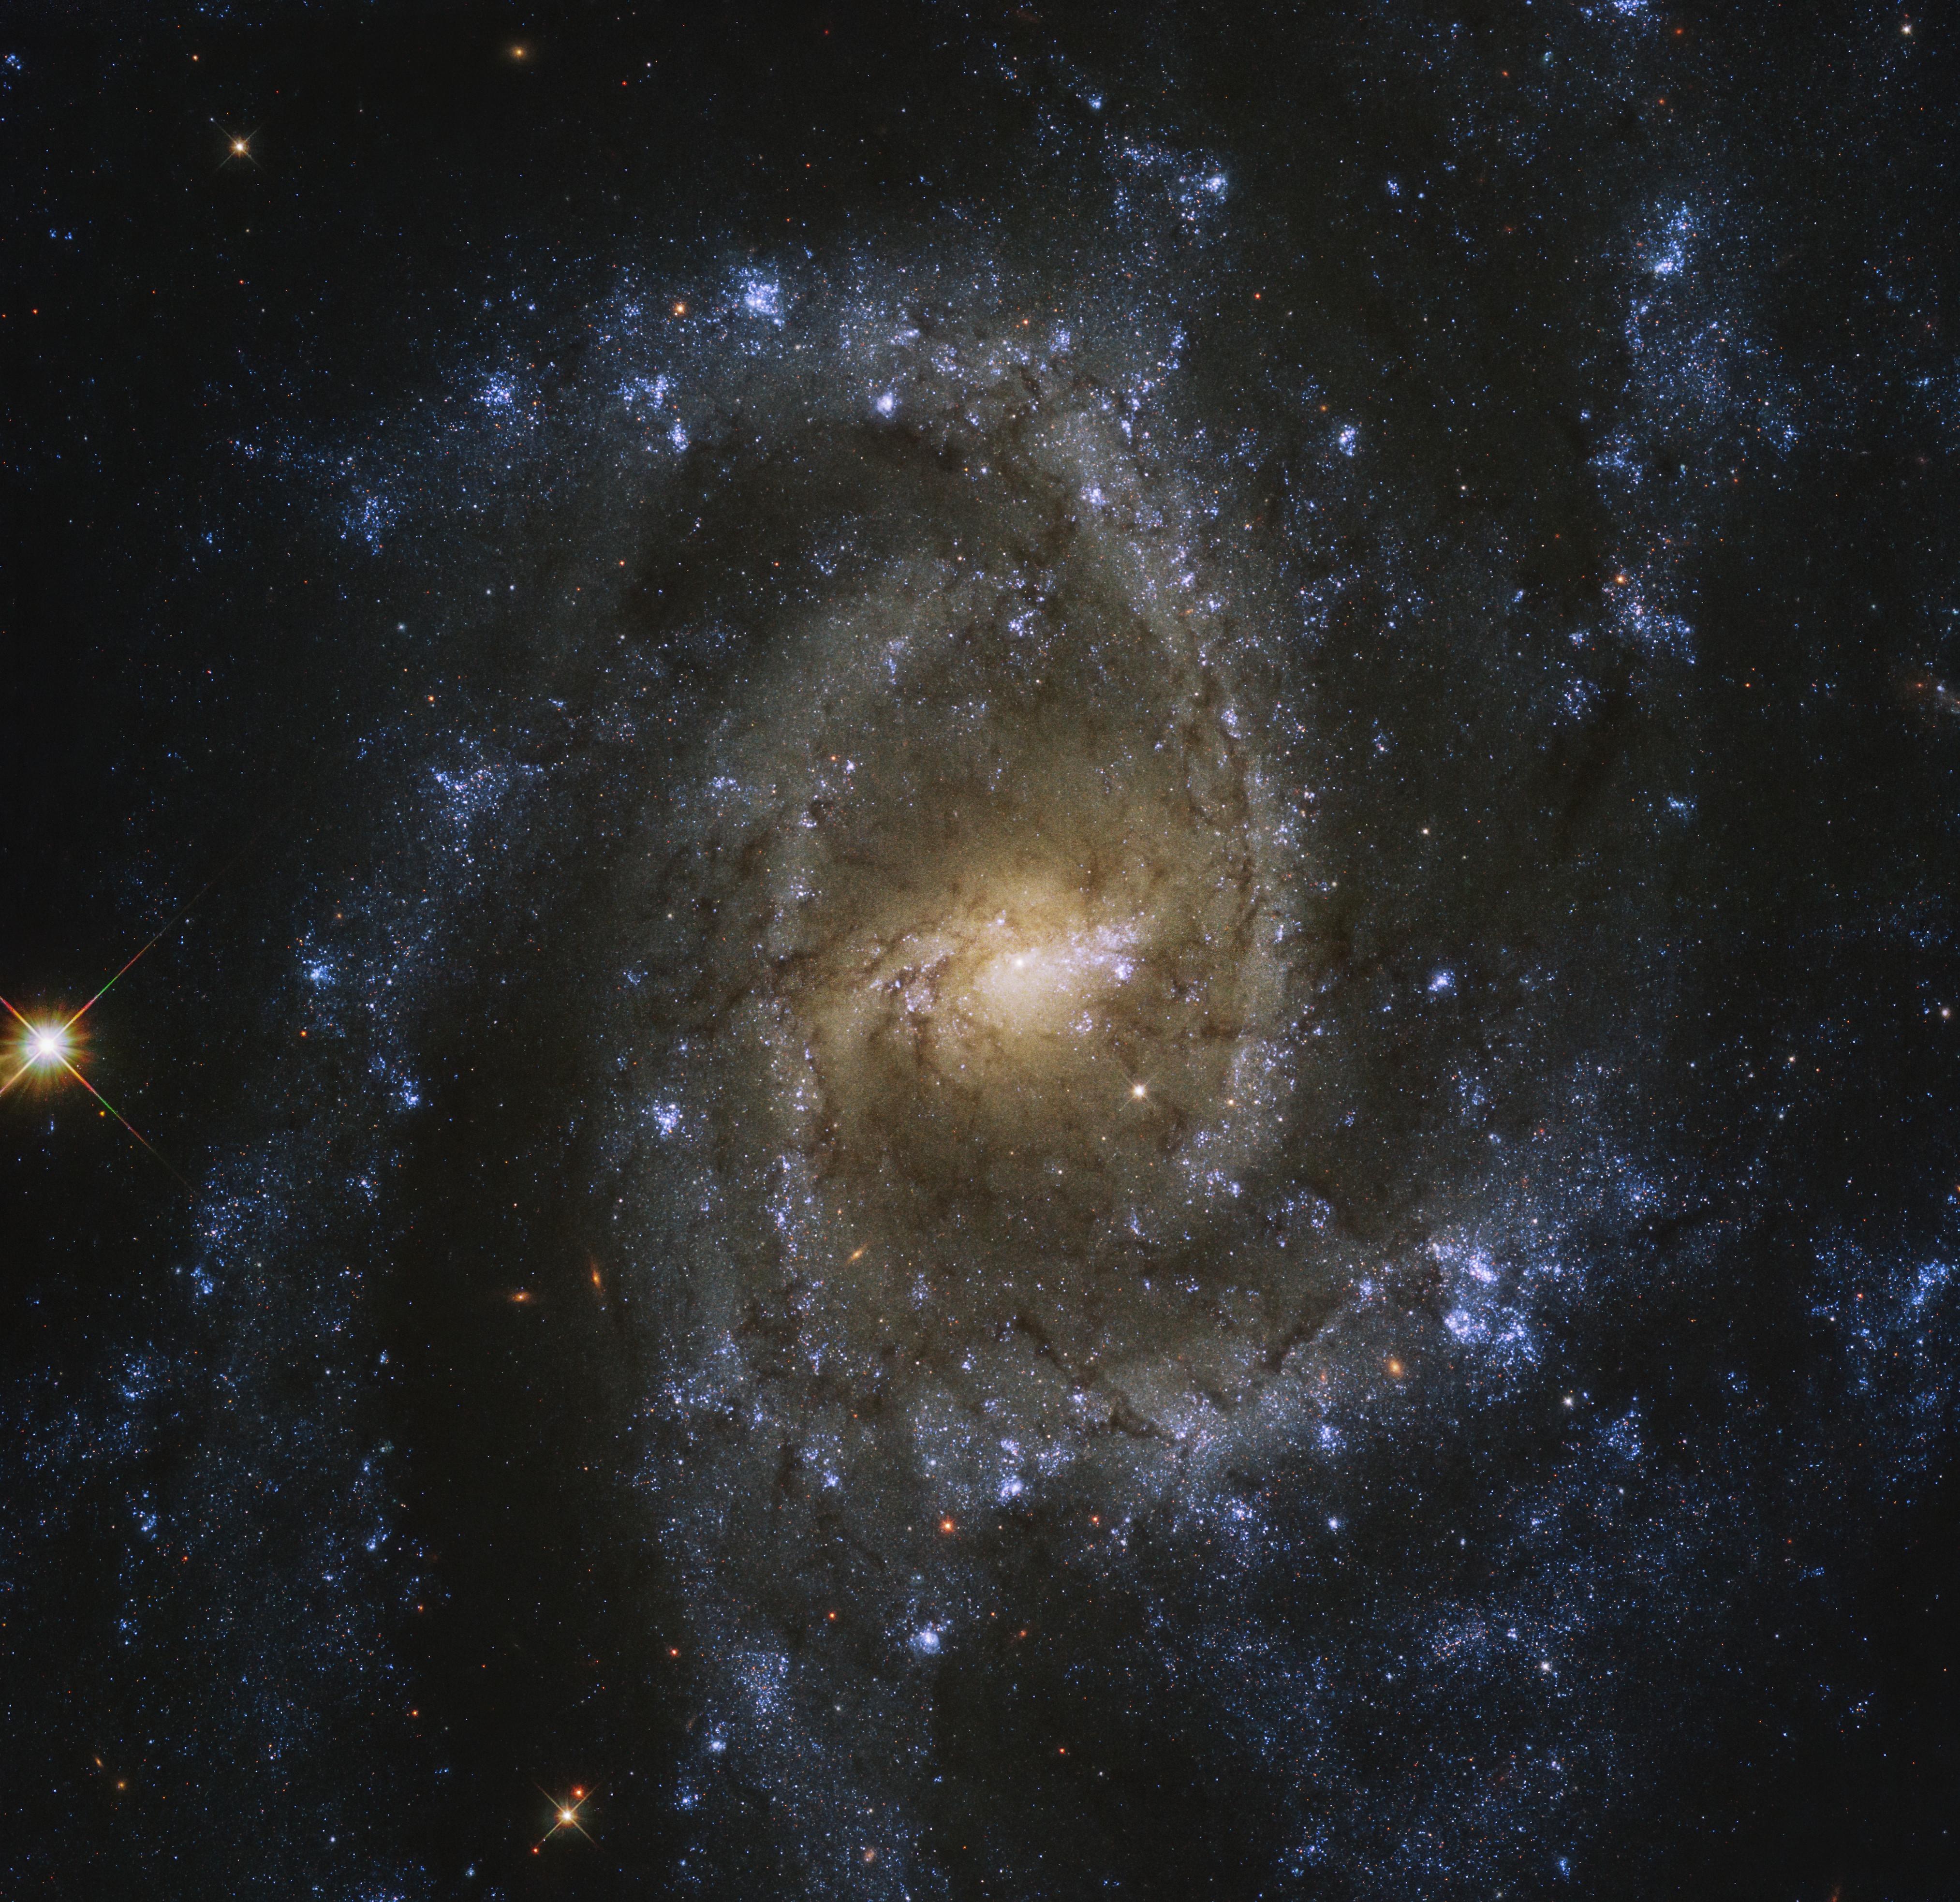 75642 завантажити шпалери Спіраль, Космос, Зірки, Всесвіт, Галактика, Галактики - заставки і картинки безкоштовно